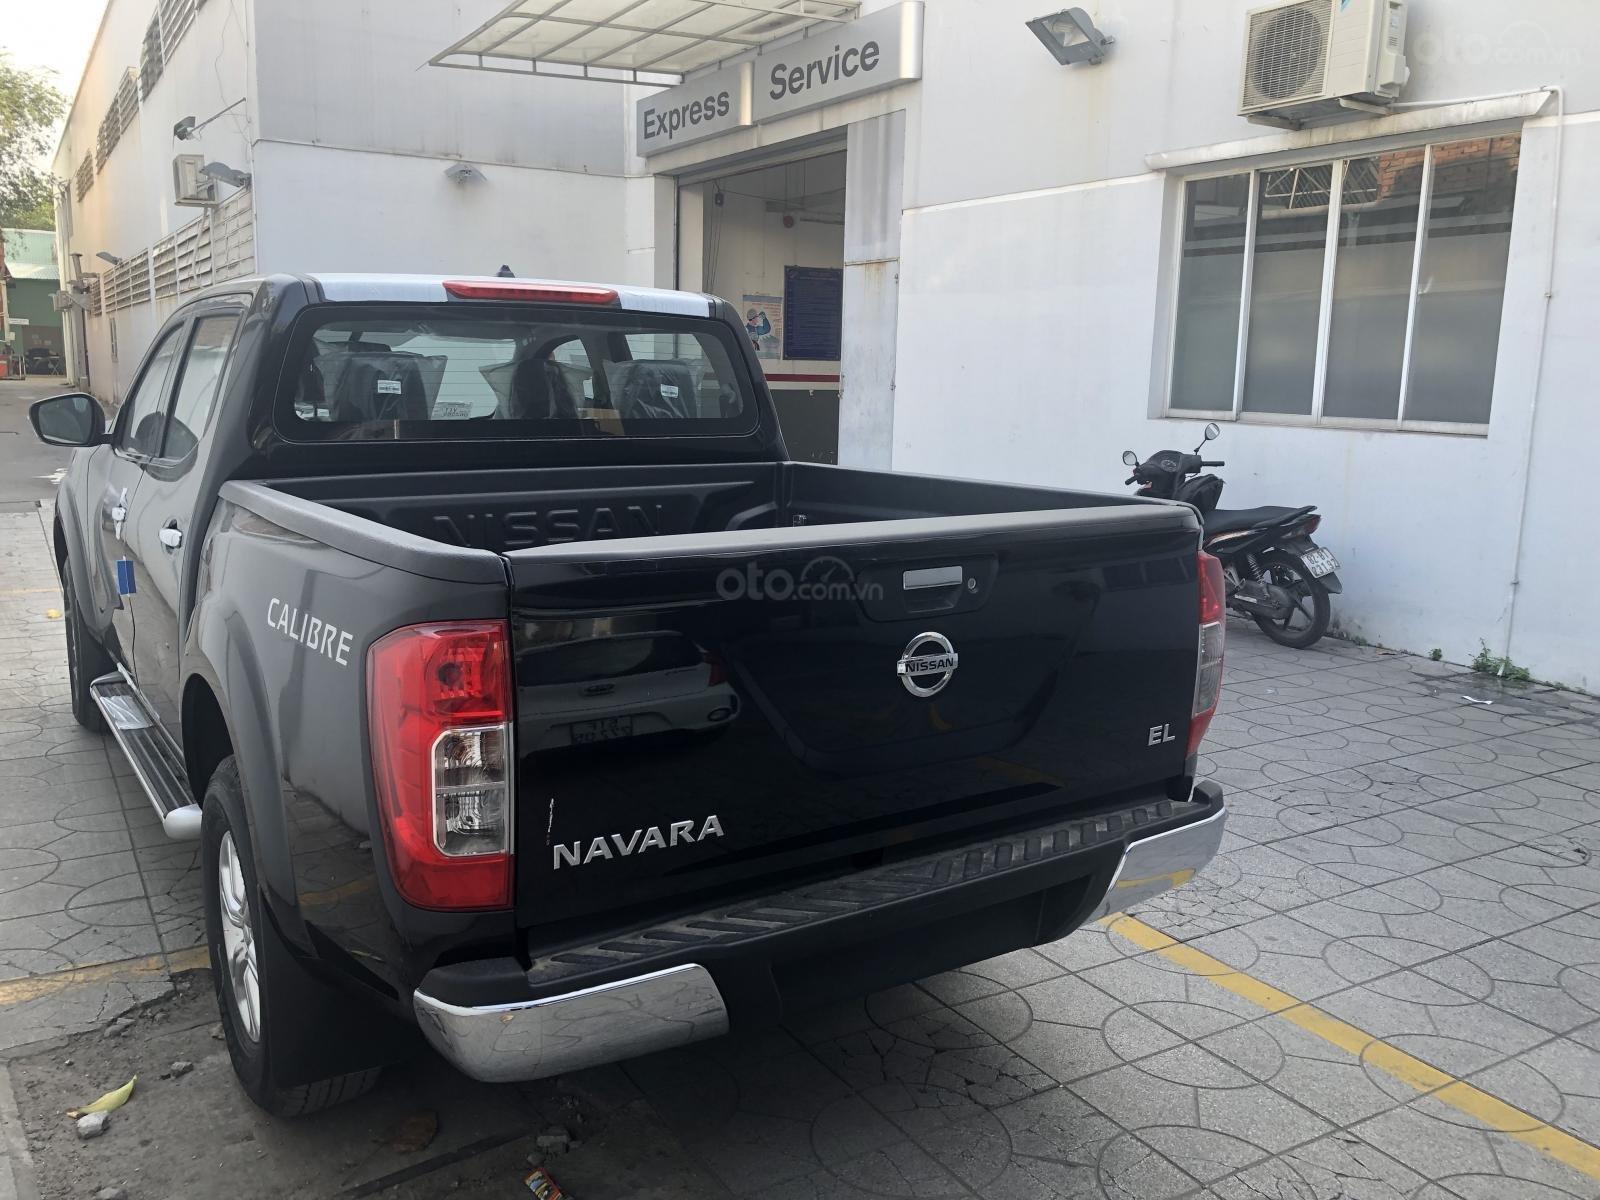 Bán Nissan Navara 2.5 Turbo AT 2 WD EL năm sản xuất 2019, CTKM sập sàn, giao xe ngay, LH 0938466812-2